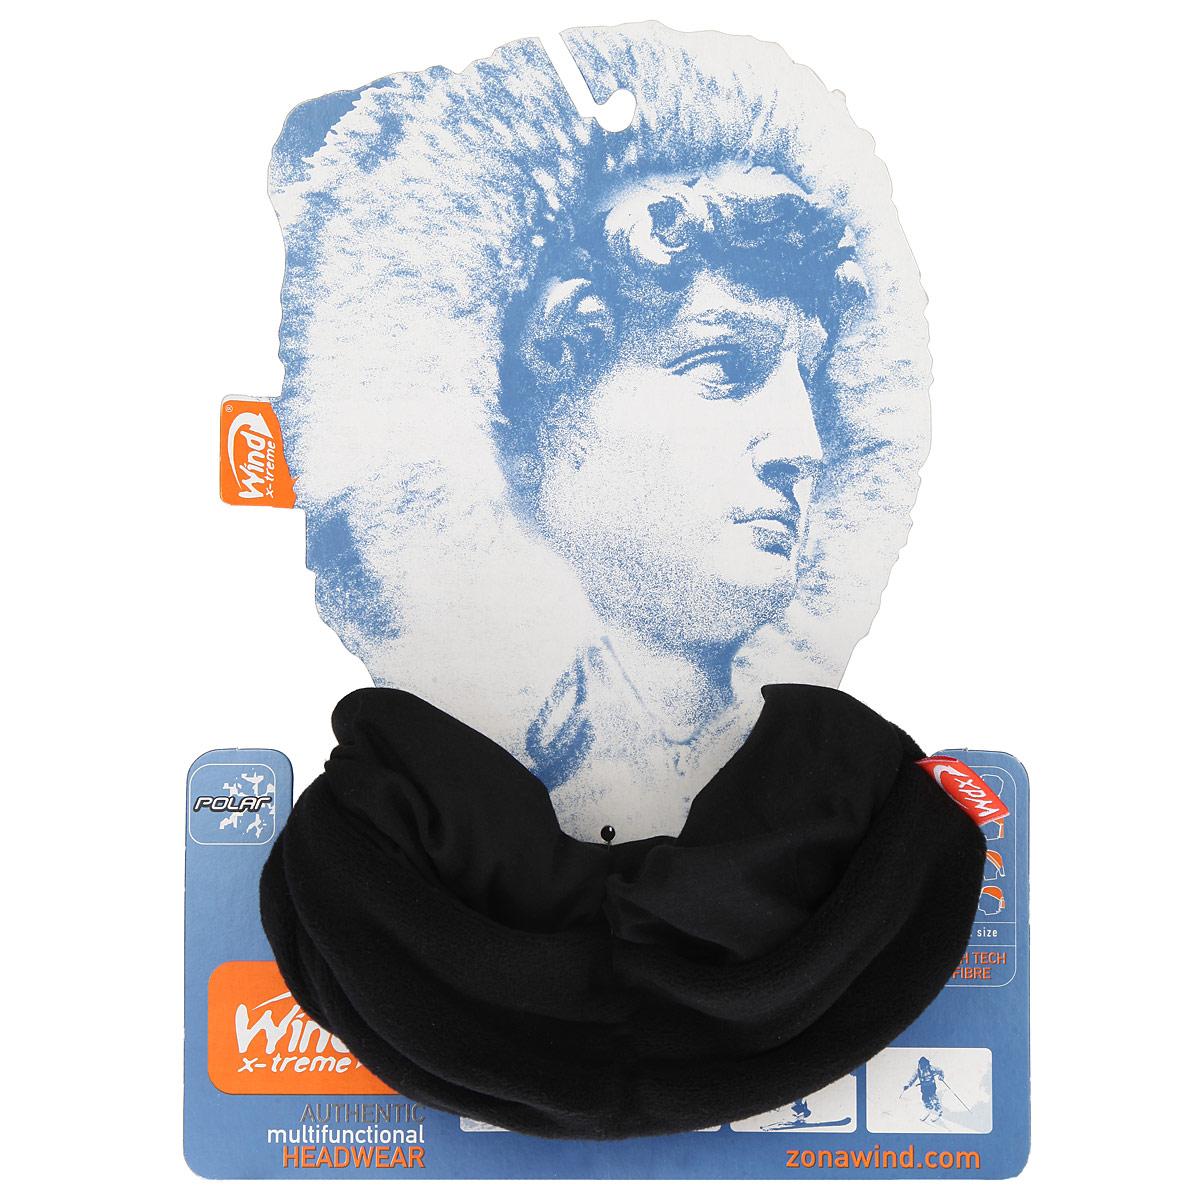 УТ-0000572116_UltraBlackМногофункциональный головной убор WindXtreme PolarWind - это очень современный предмет одежды, который защитит вас от самого лютого мороза благодаря комбинации ткани и флиса. Его можно использовать как: шарф, шейный платок, бандану, повязку, ленту для волос, балаклаву и шапку. Подходит для занятий бегом, походов, скалолазания, езды на велосипеде, сноуборда, катания на лыжах, мотоциклах, игры в хоккей, а так же для повседневного использования. Сочетание ткани и флиса Pilhot из микроволокна гарантируют дополнительные тепло и комфорт, отведение влаги, быстрое высыхание, очень эластичны, принимают практически любую форму. Обладает антибактериальным эффектом. Уважаемые клиенты! Размер, доступный для заказа, является обхватом головы.